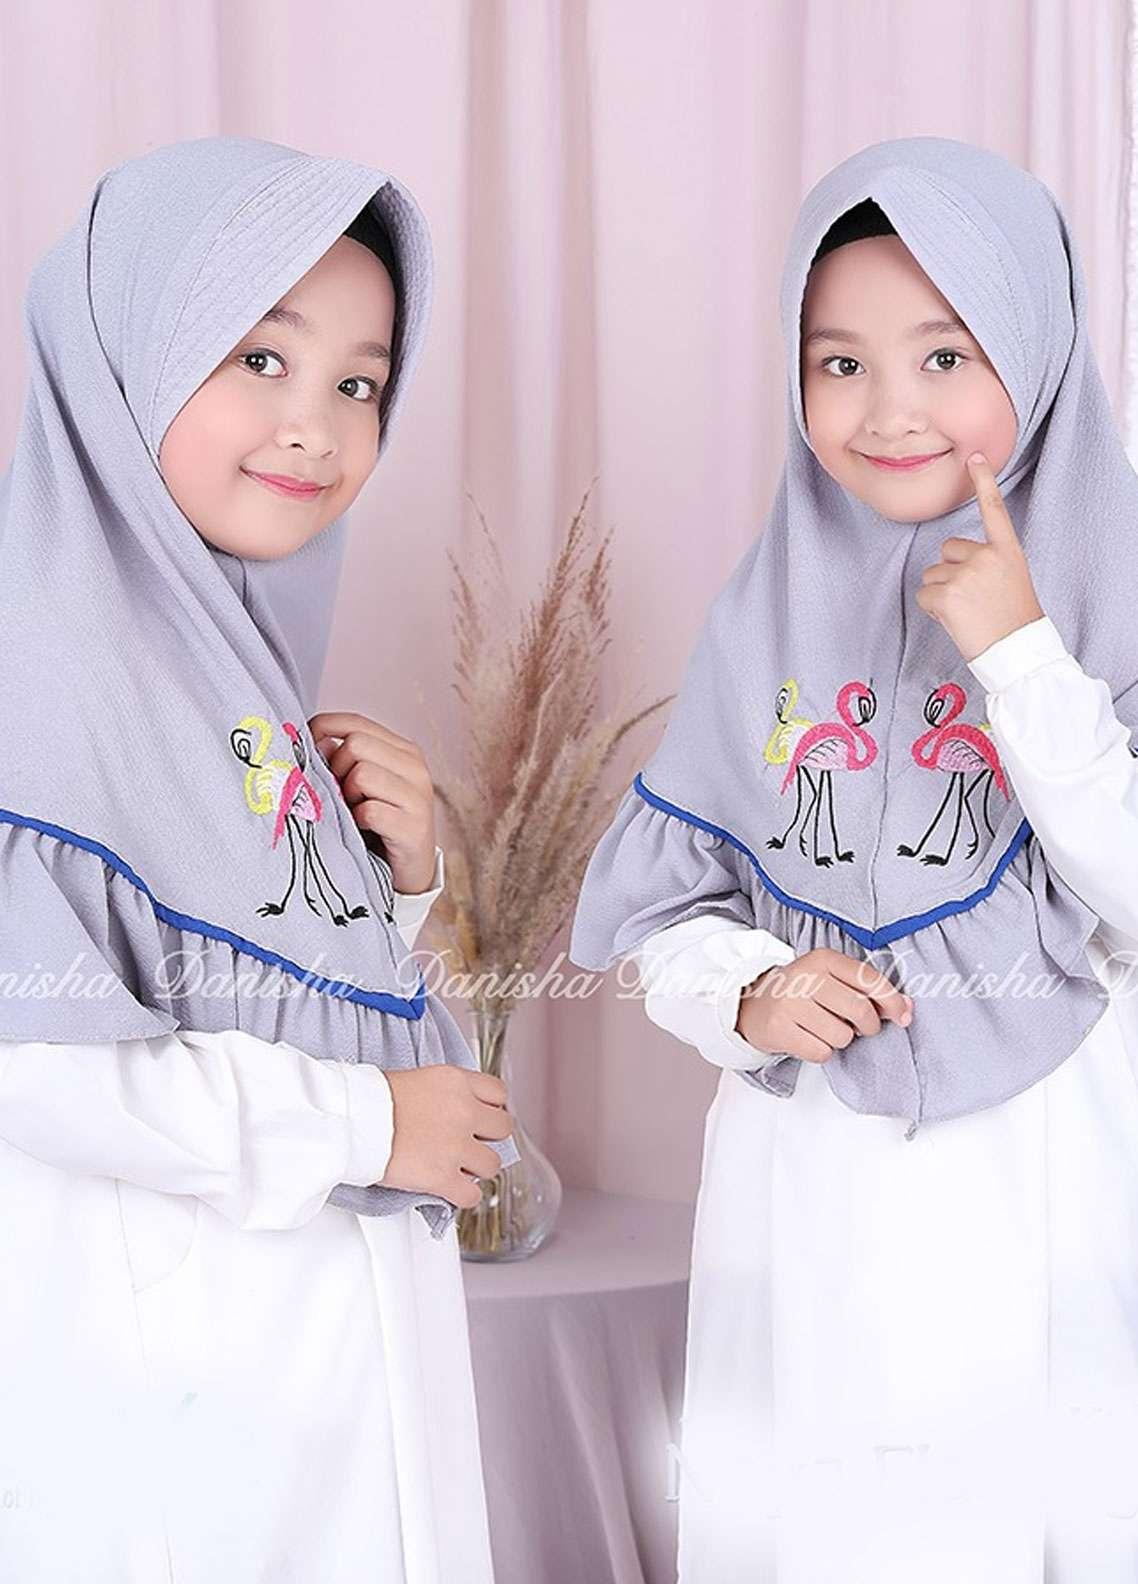 Danisha | Style of Hijab  Bubble Pop  Girls Scarves HH Danisha Flamingo 07 Grey